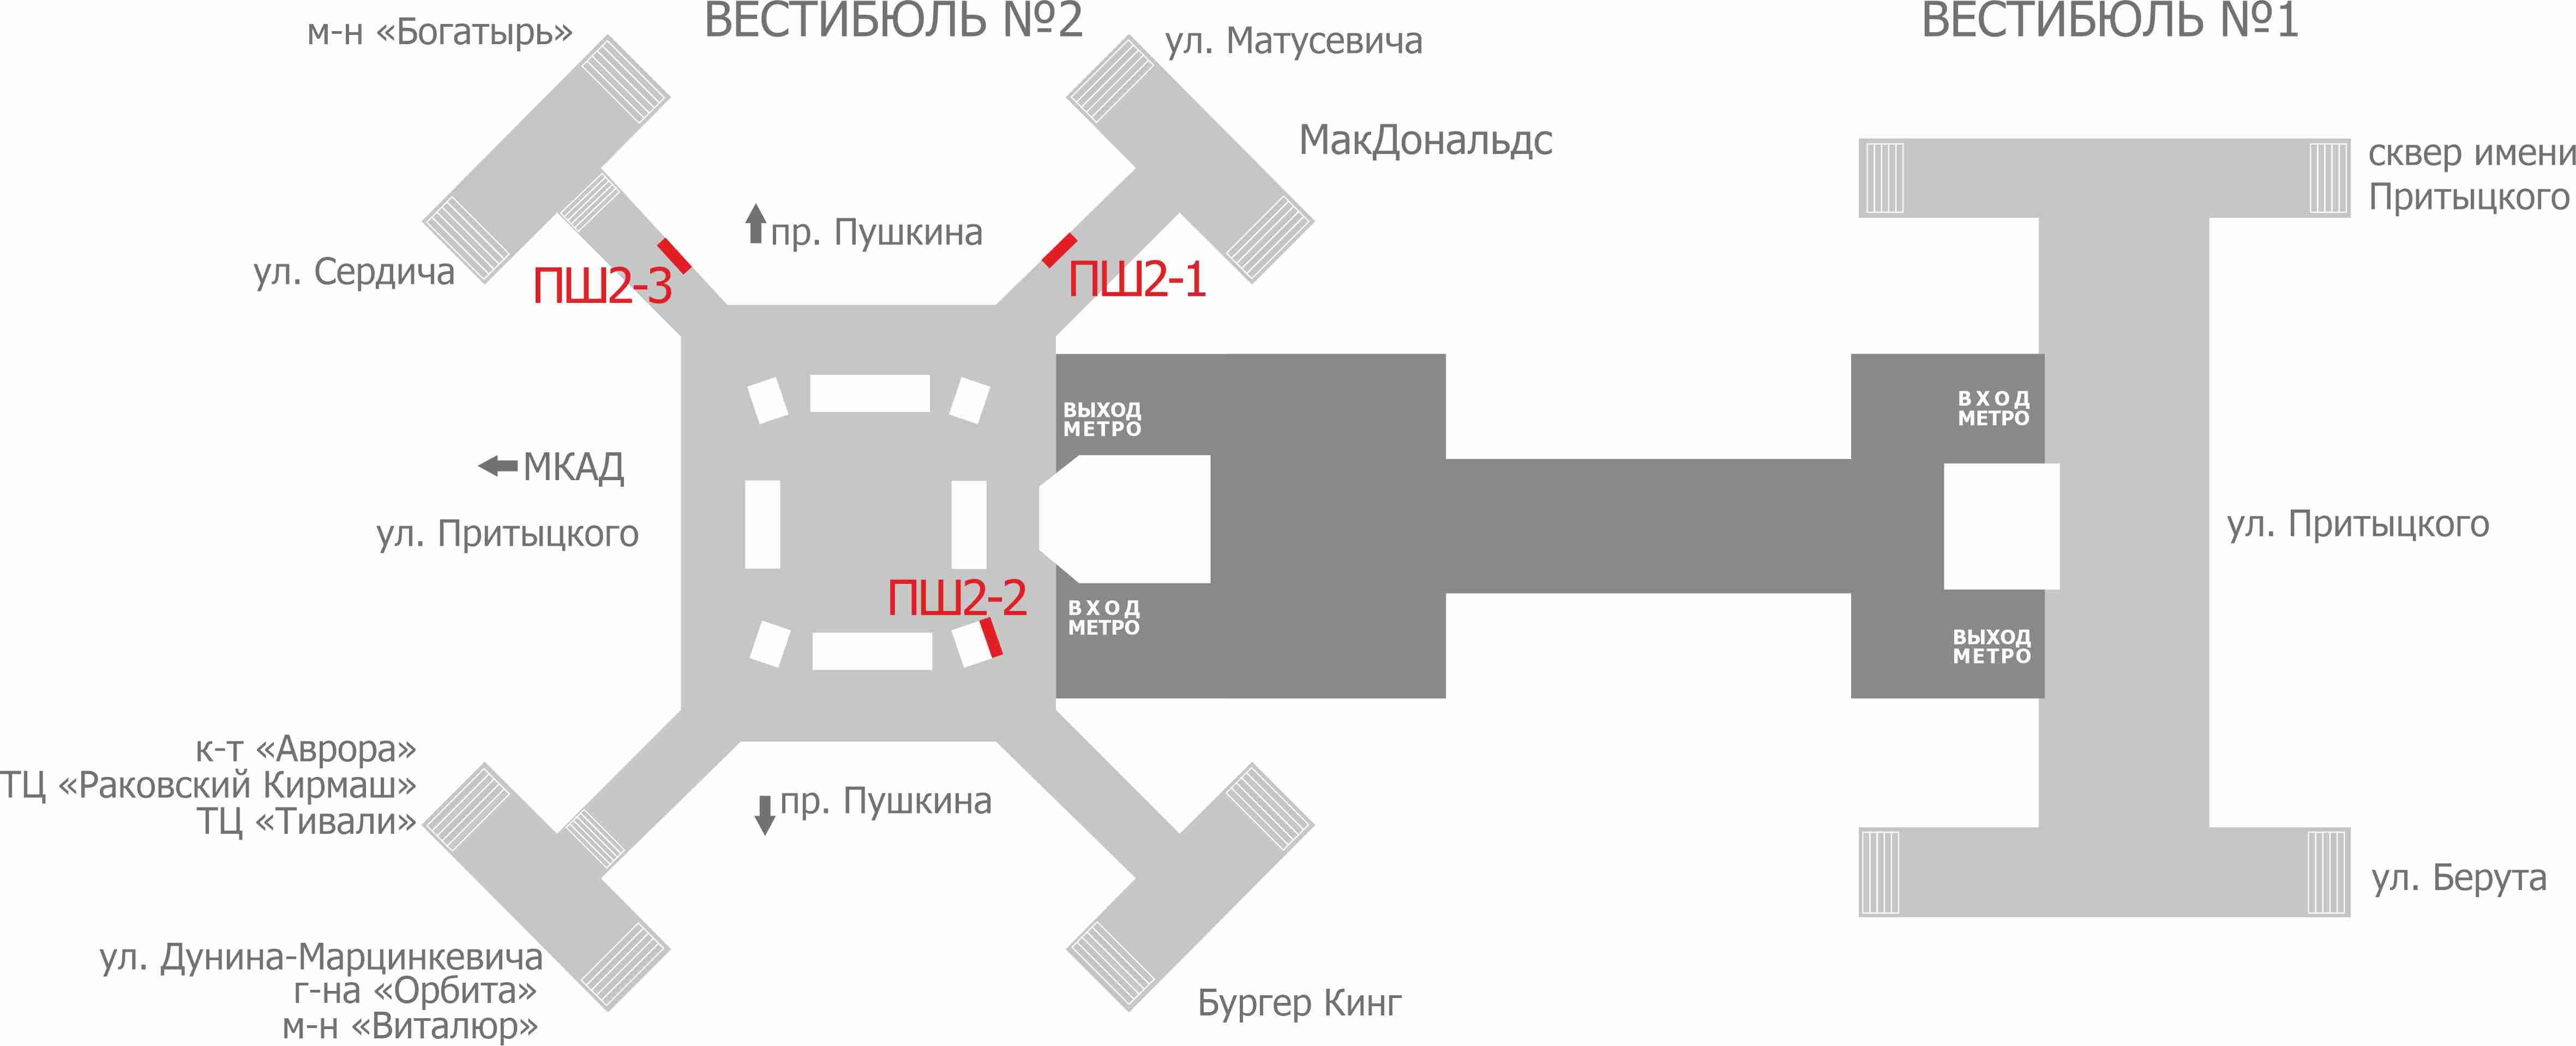 Схема расположения рекламных мест в переходе метро ст.м Пушкинская reklama-on.by